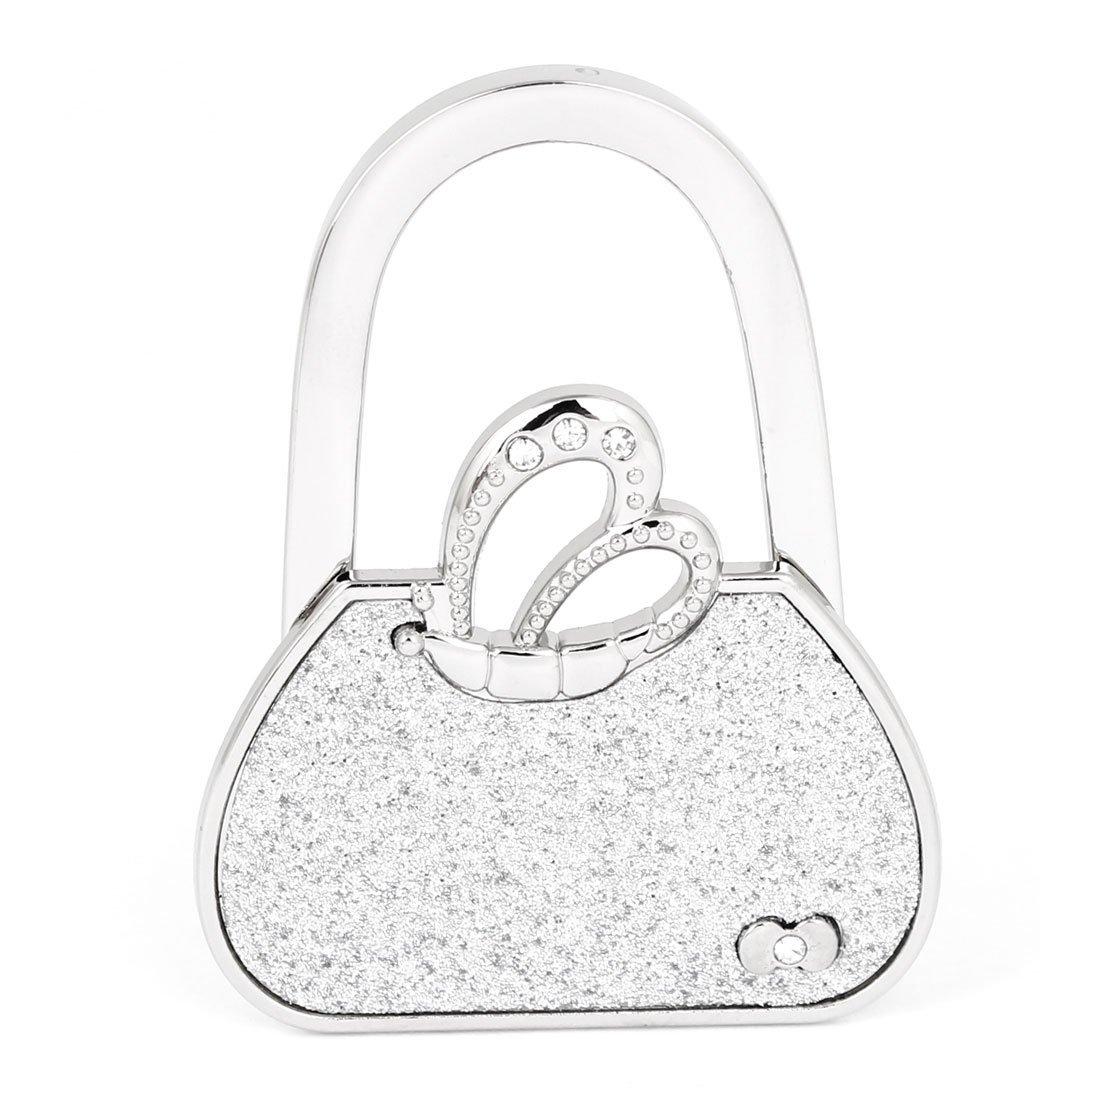 SODIAL(R)Silber Schmetterling Handtasche faltbarer Tischhaken Geldbeutel Aufhaenger Halter Haken fuer Frauen AEQW-WER-AW148886